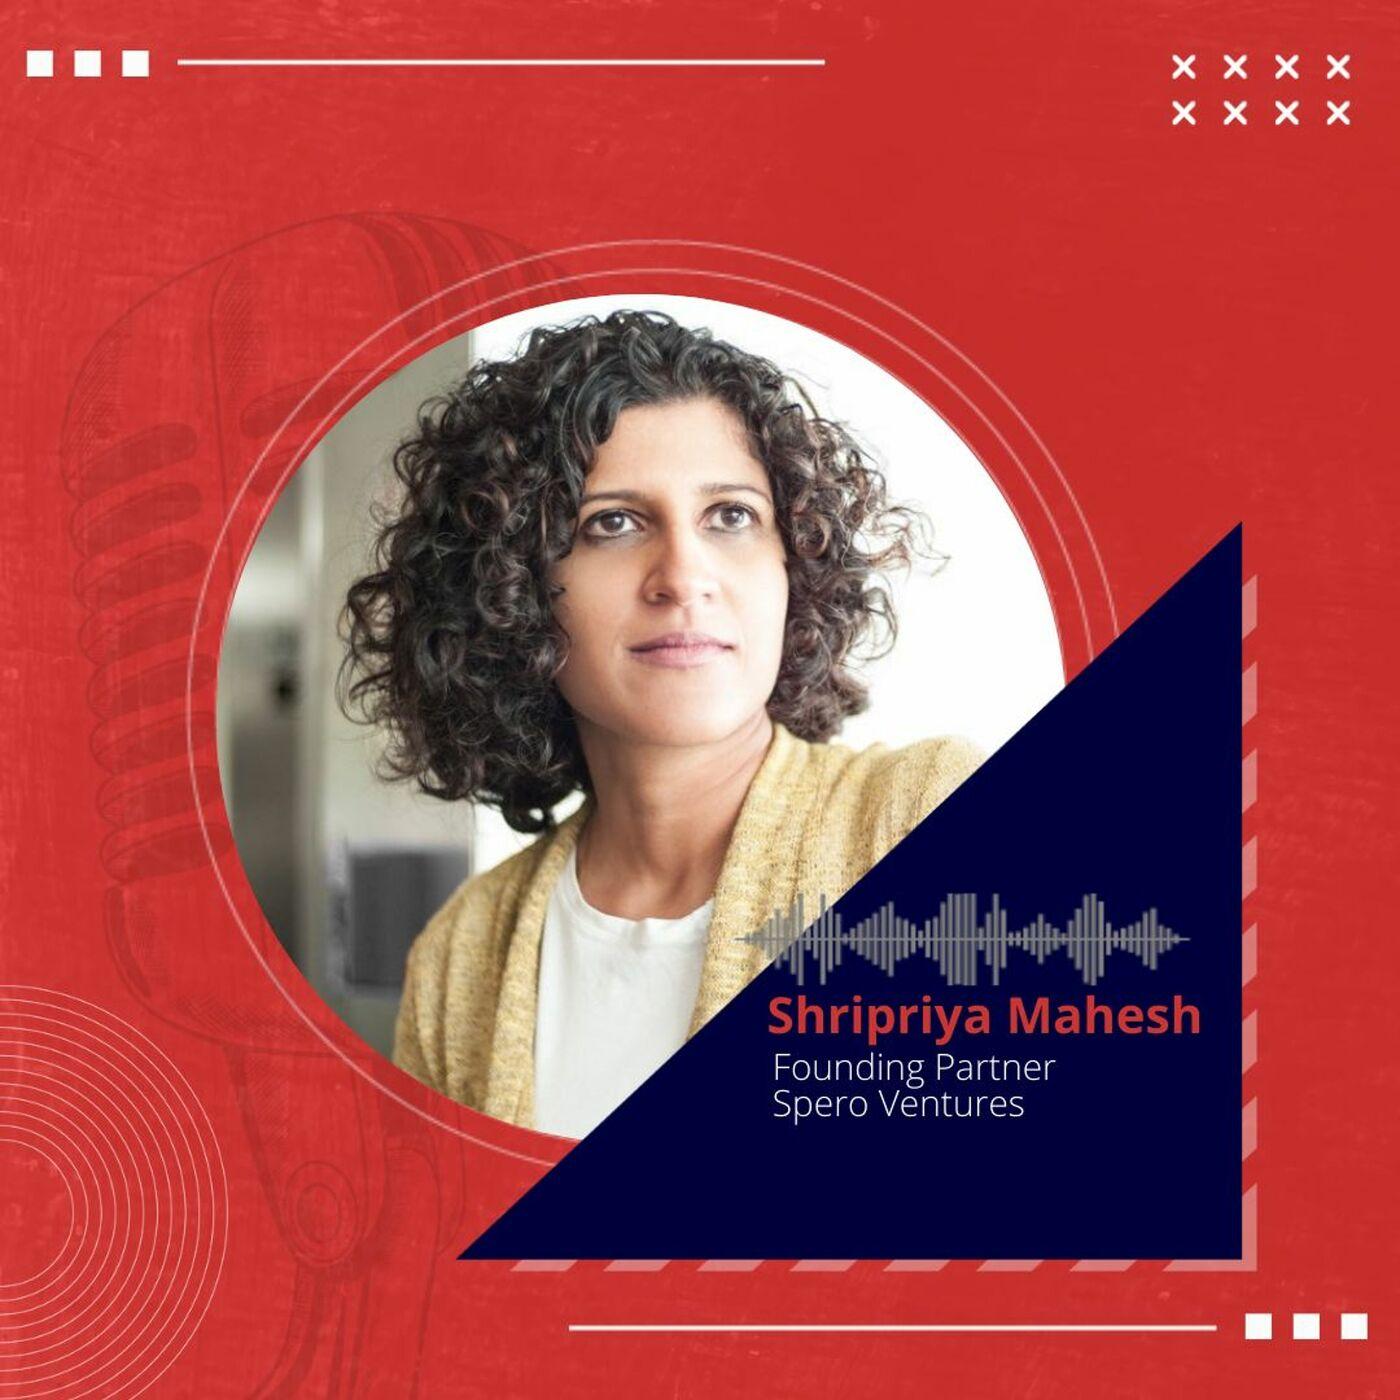 Inside the mind of Shripriya Mahesh, Founding Partner, Spero Ventures